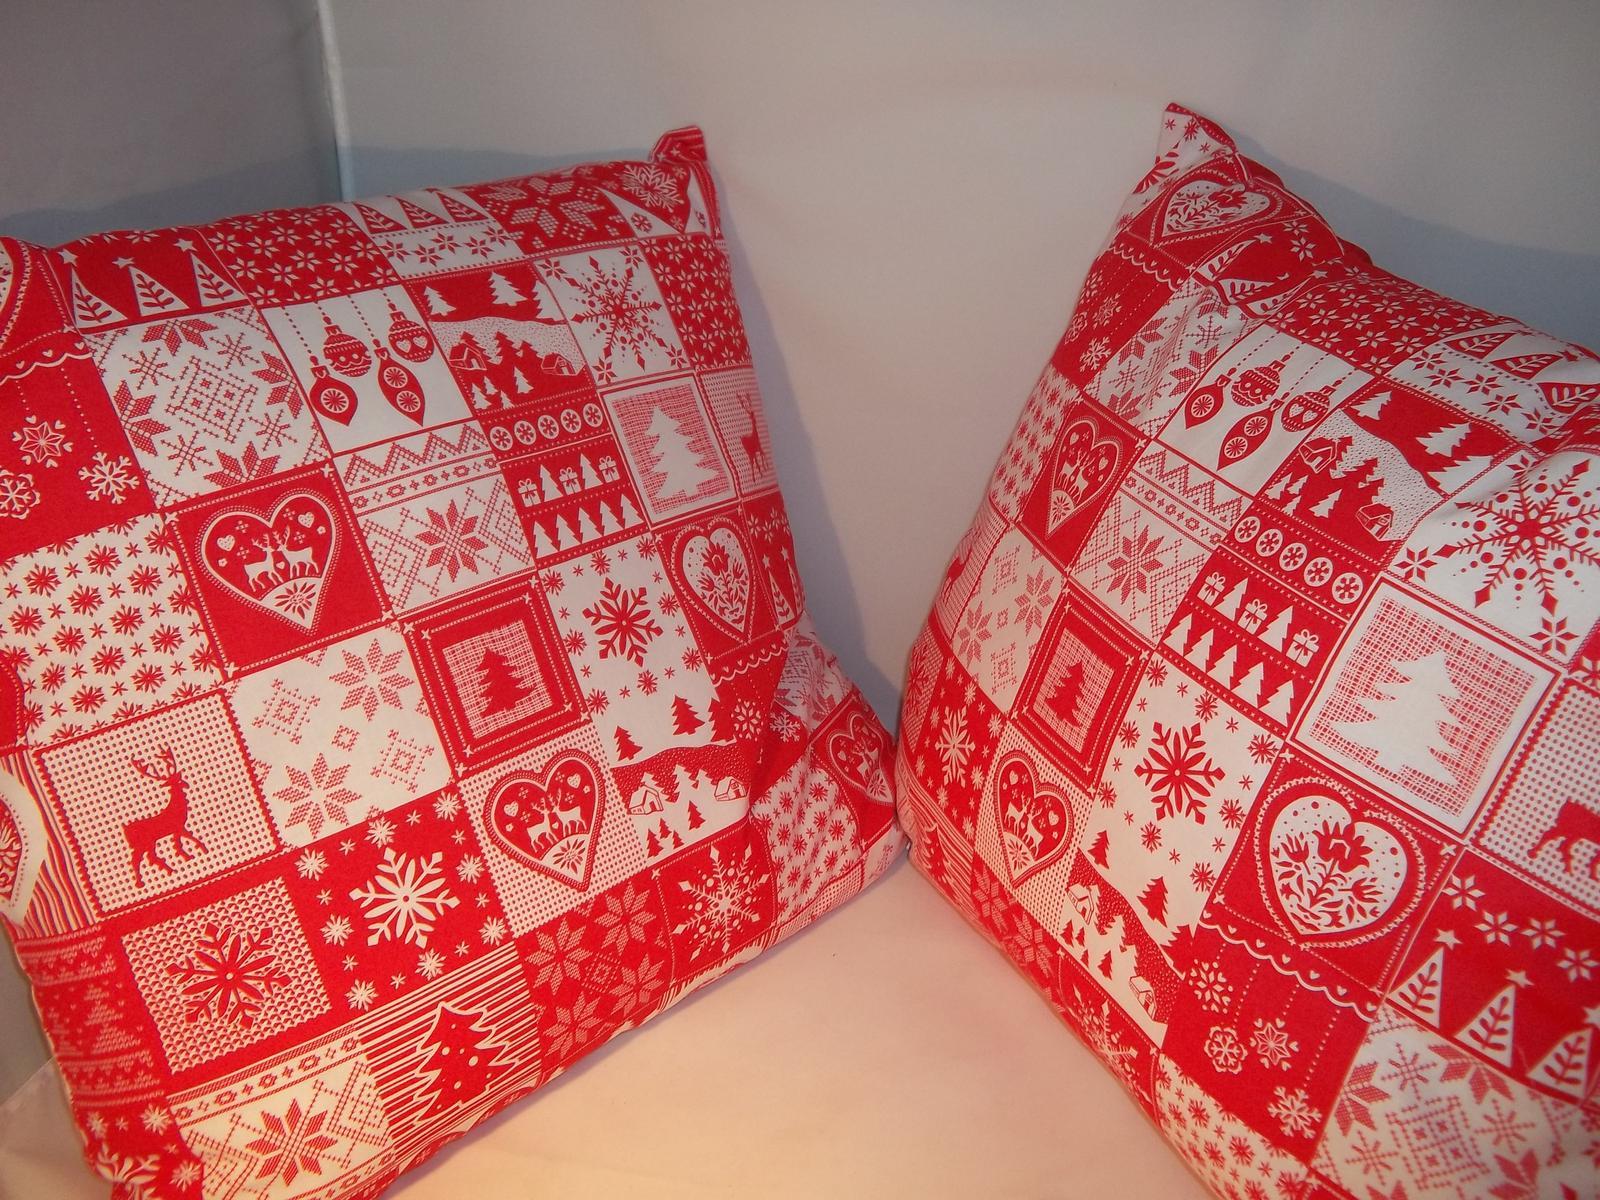 Sada dvoch väčších vianočných obliečok,cena s poštovným - Obrázok č. 2